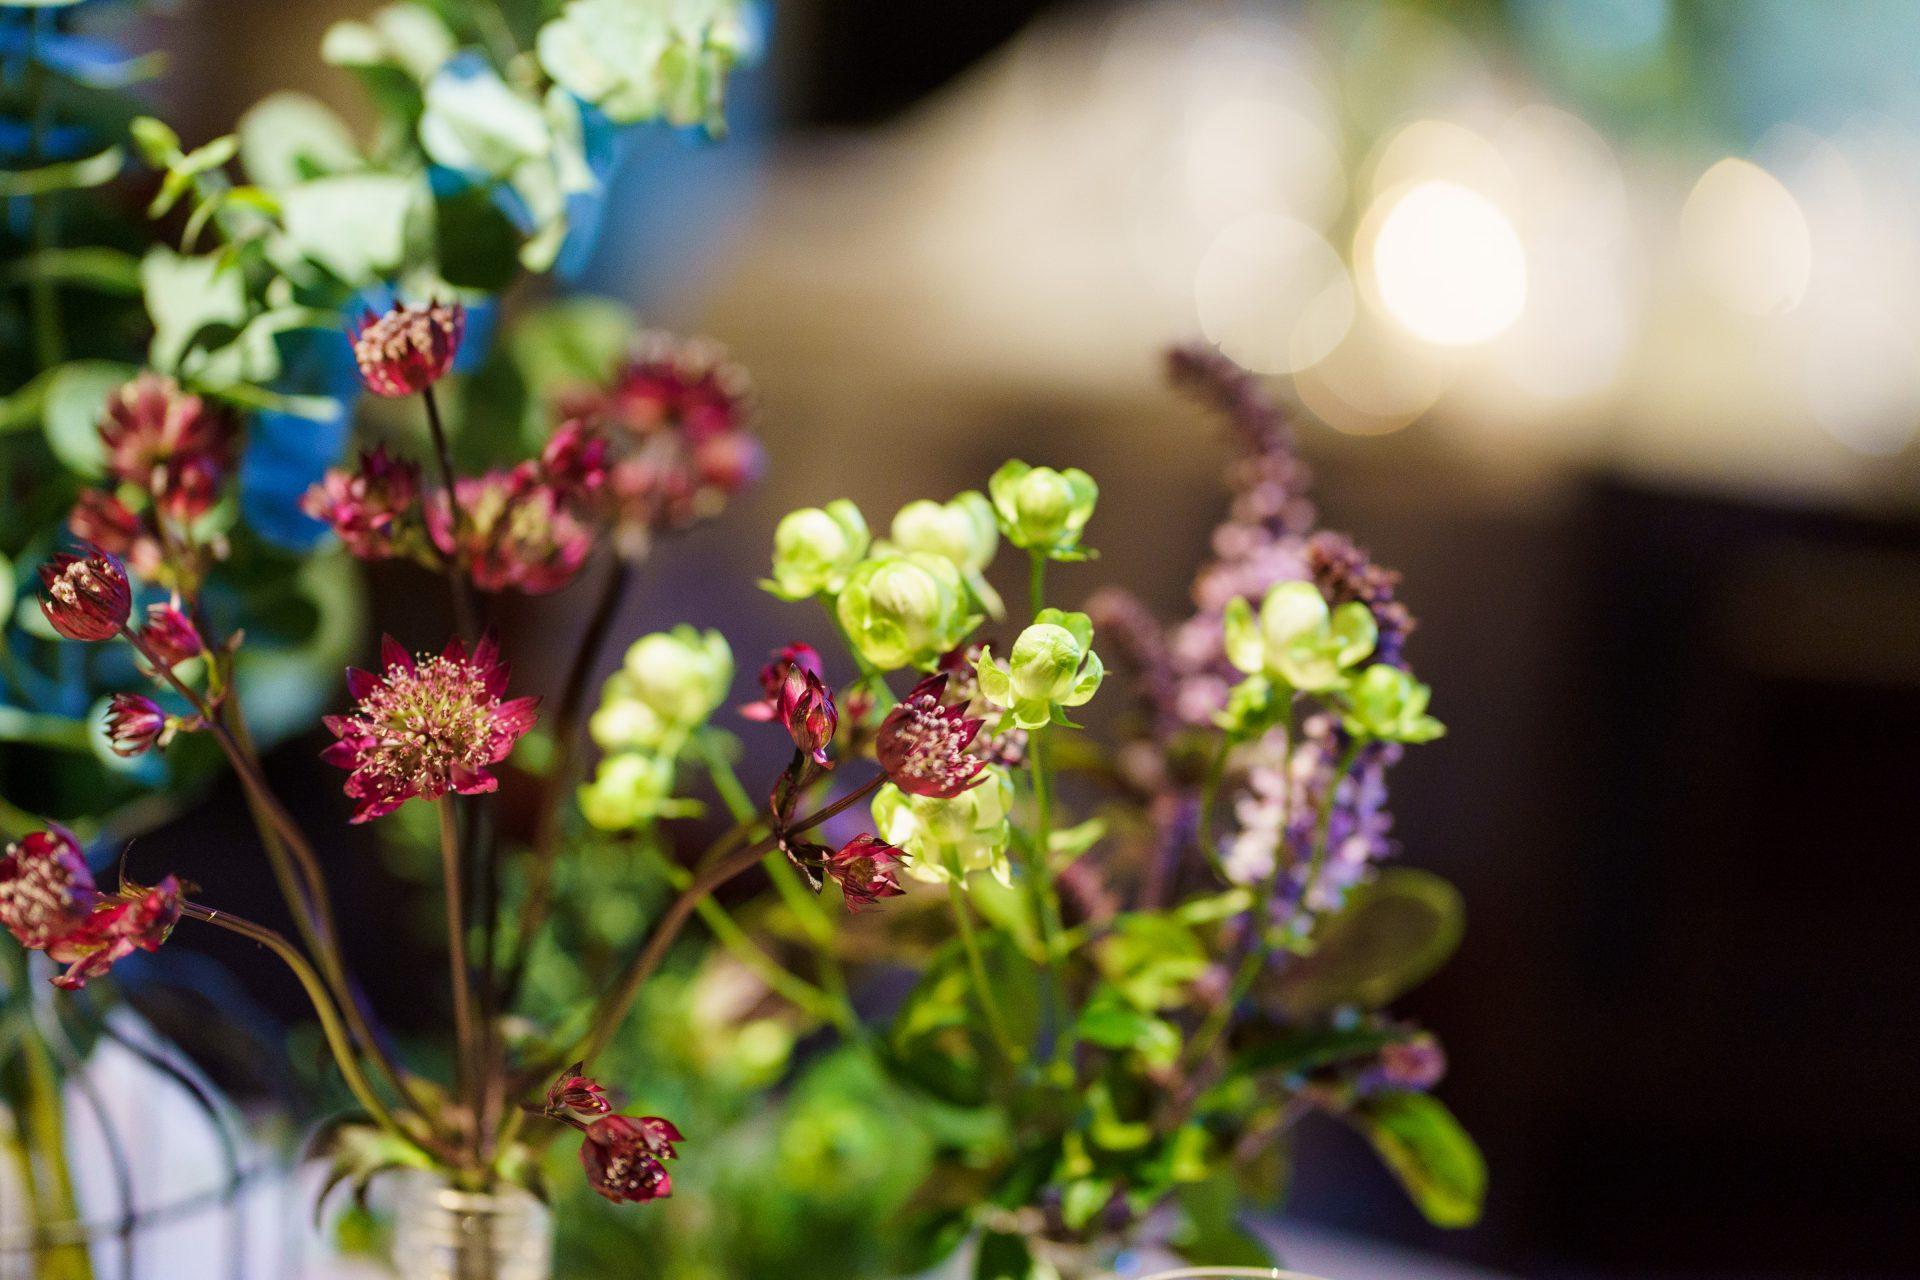 藤屋御本陳らしい紫の差し色が映えるナチュラルな装飾